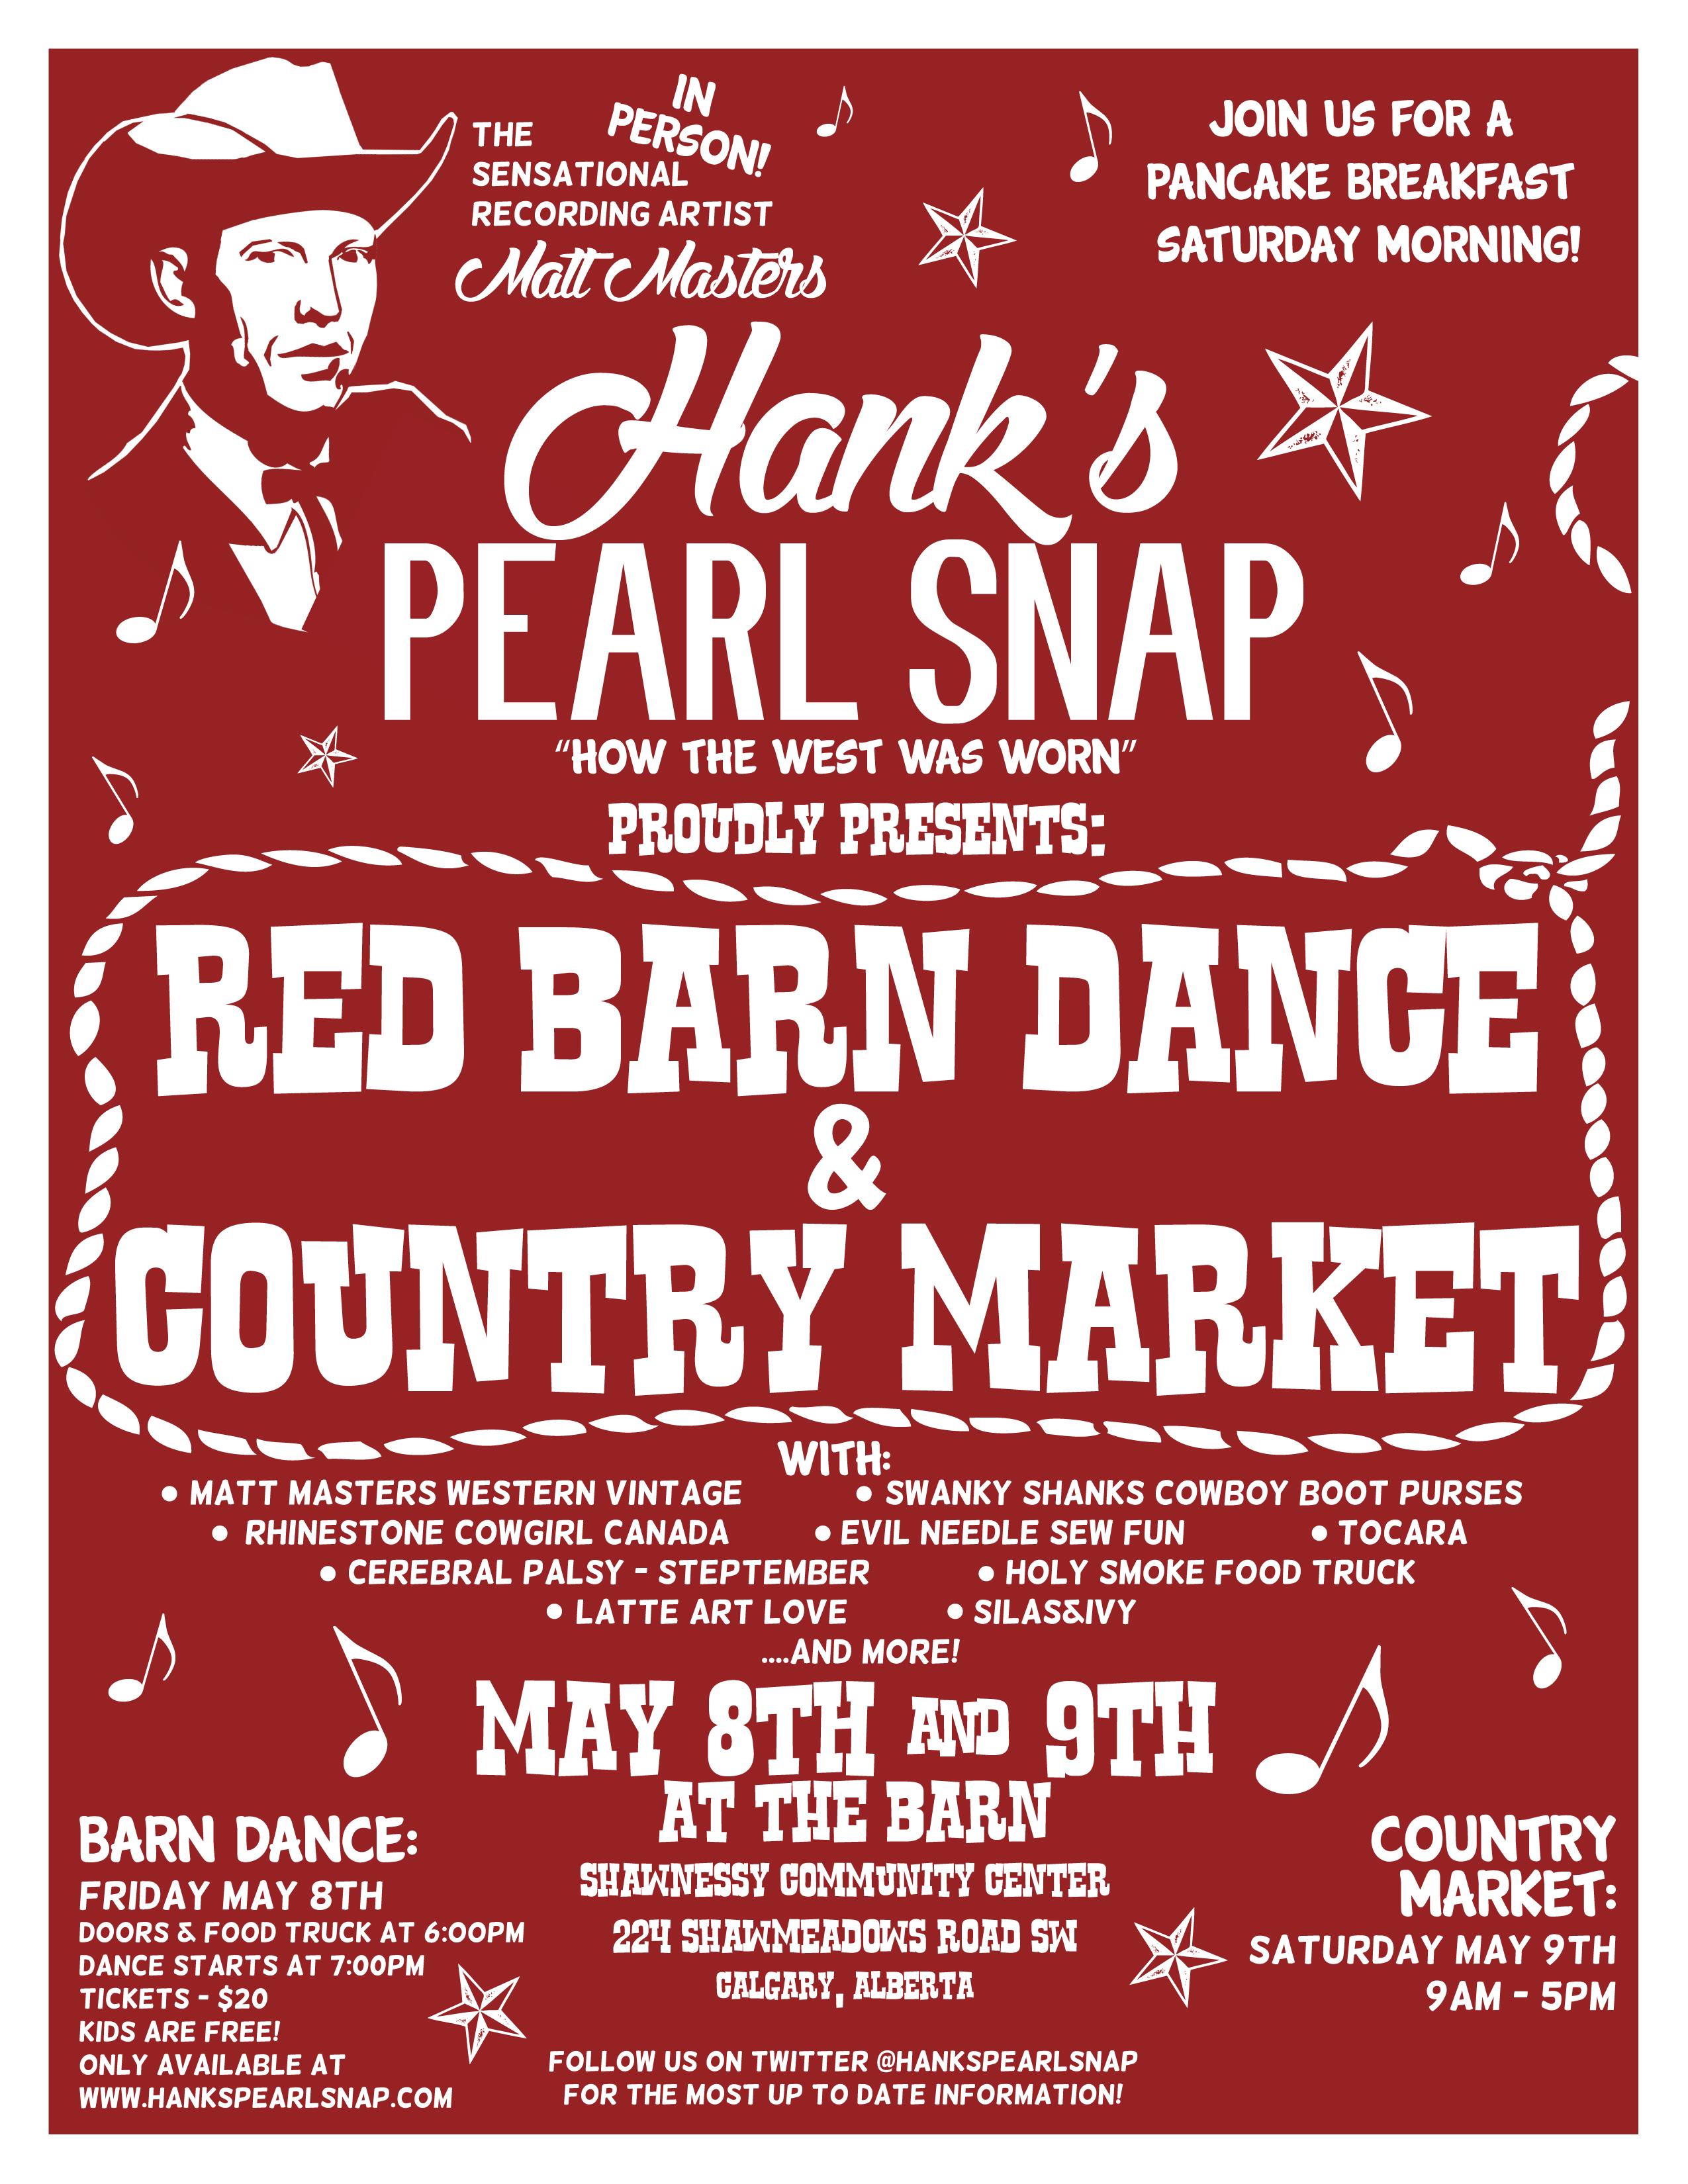 Hank's Barn Dance